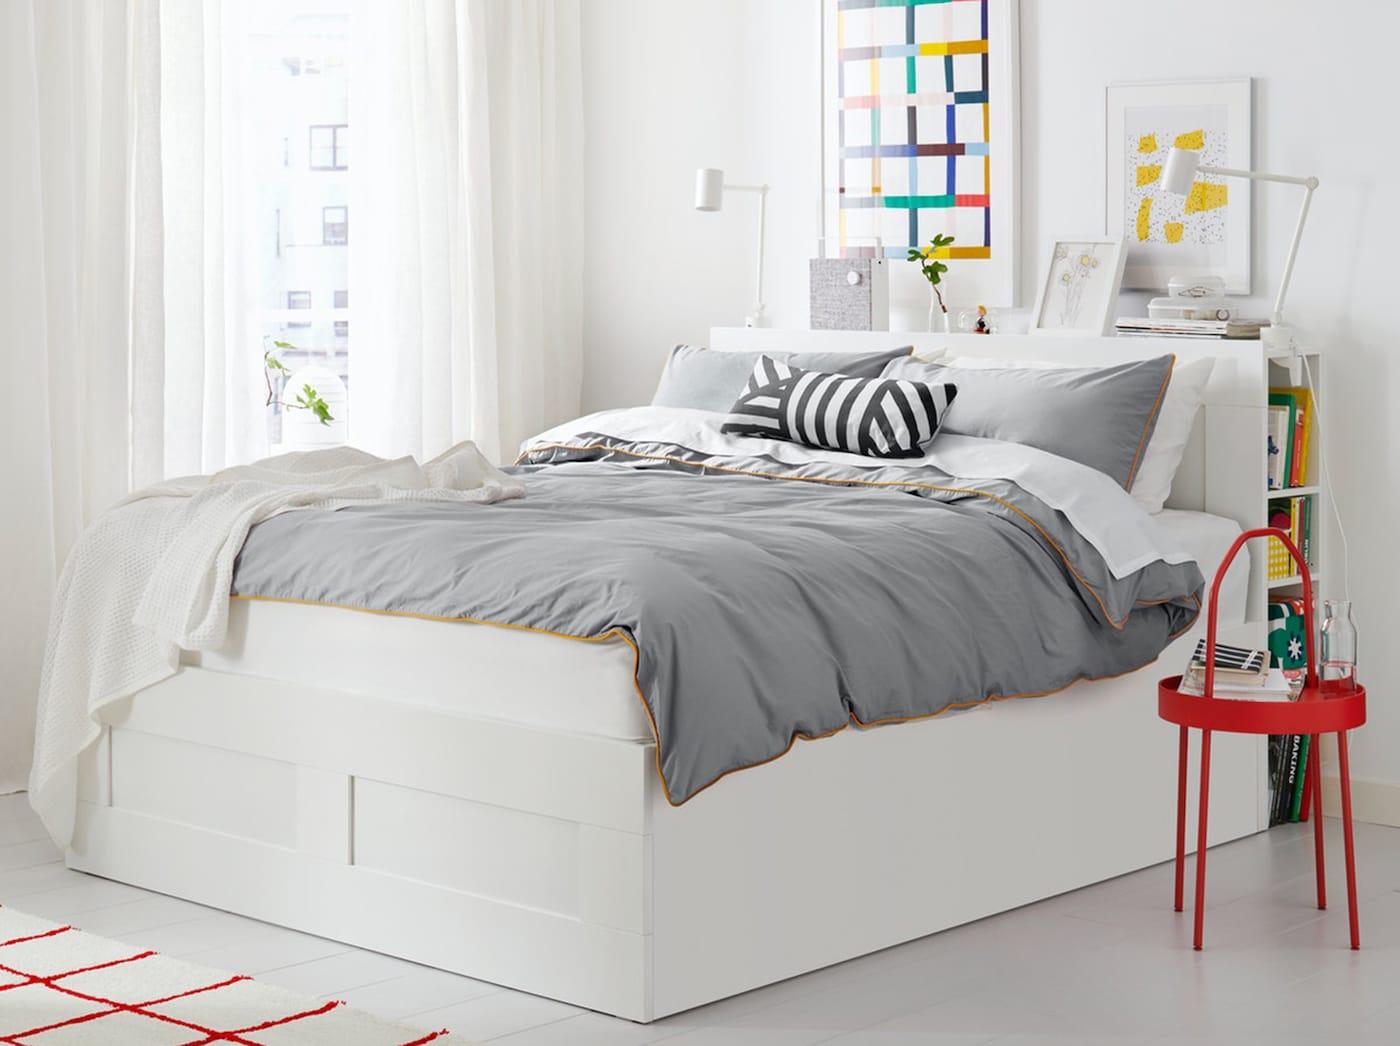 Кровать БРИМНЭС с изголовьем и с местом для хранения под основанием